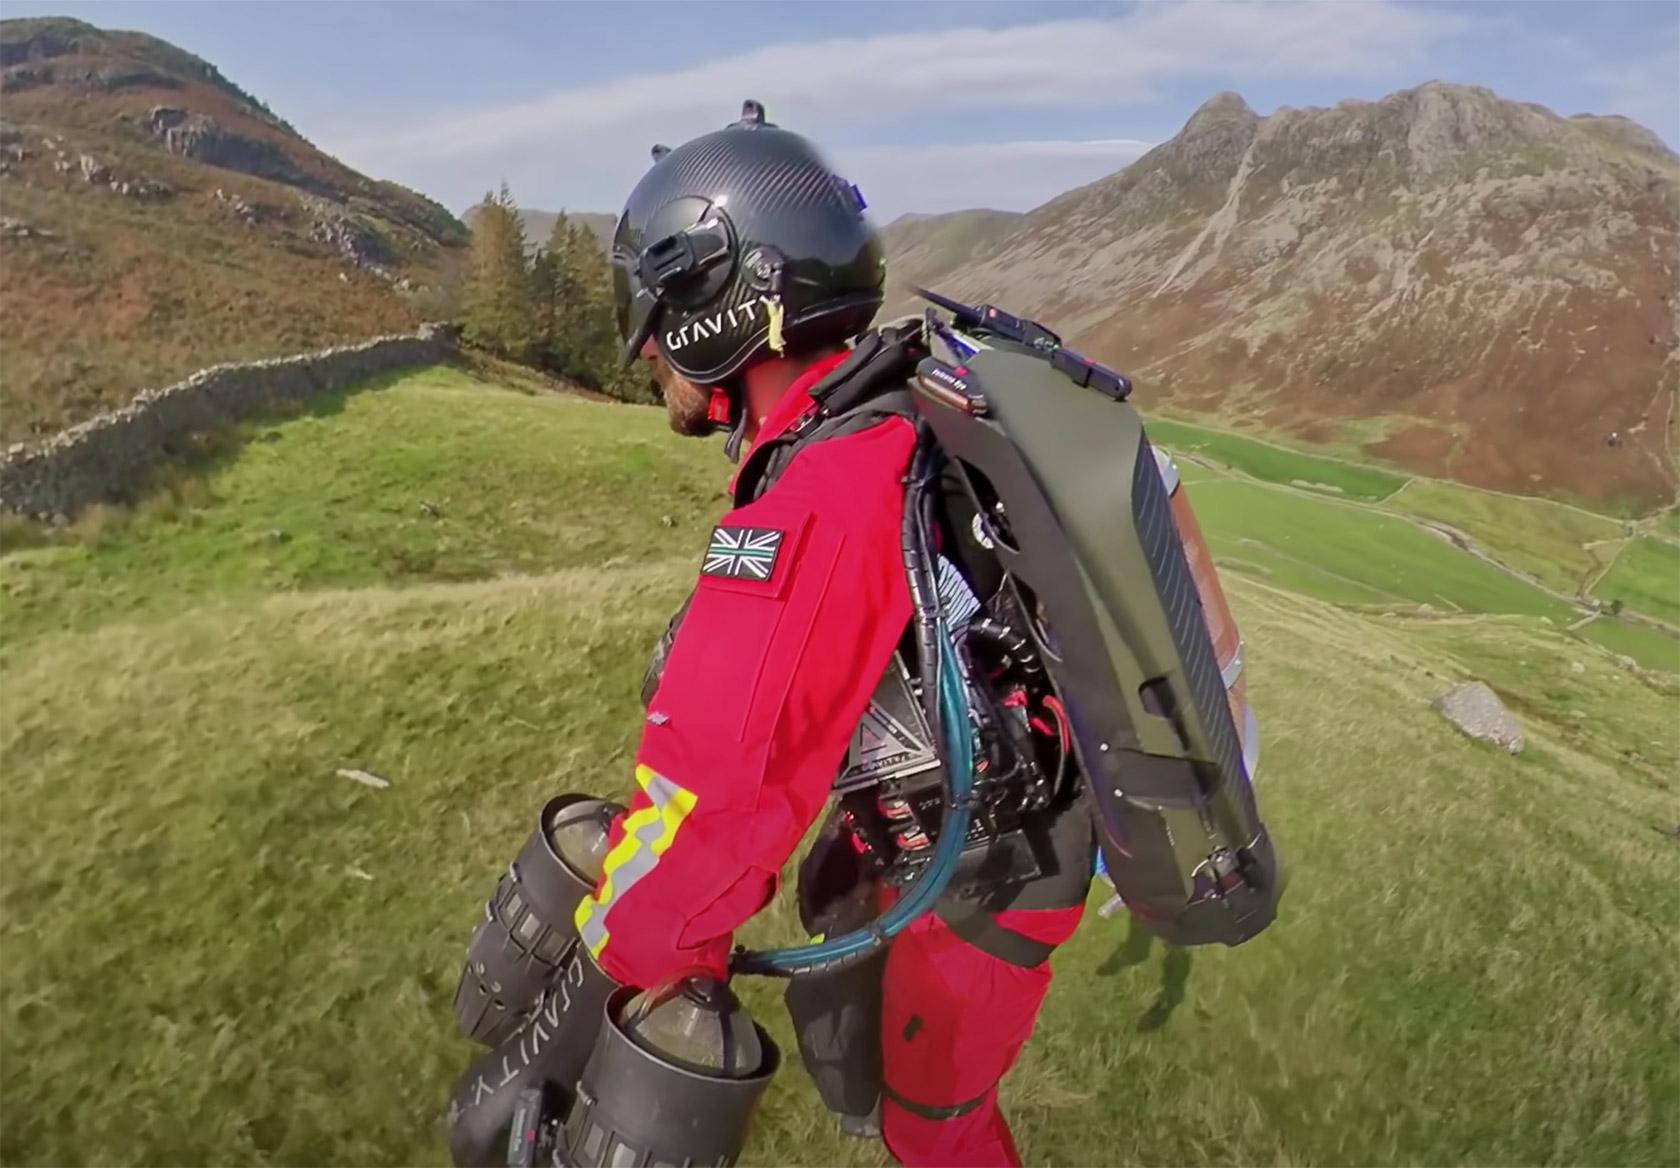 Rocket Man Richard Browning Jetpack Paramedic